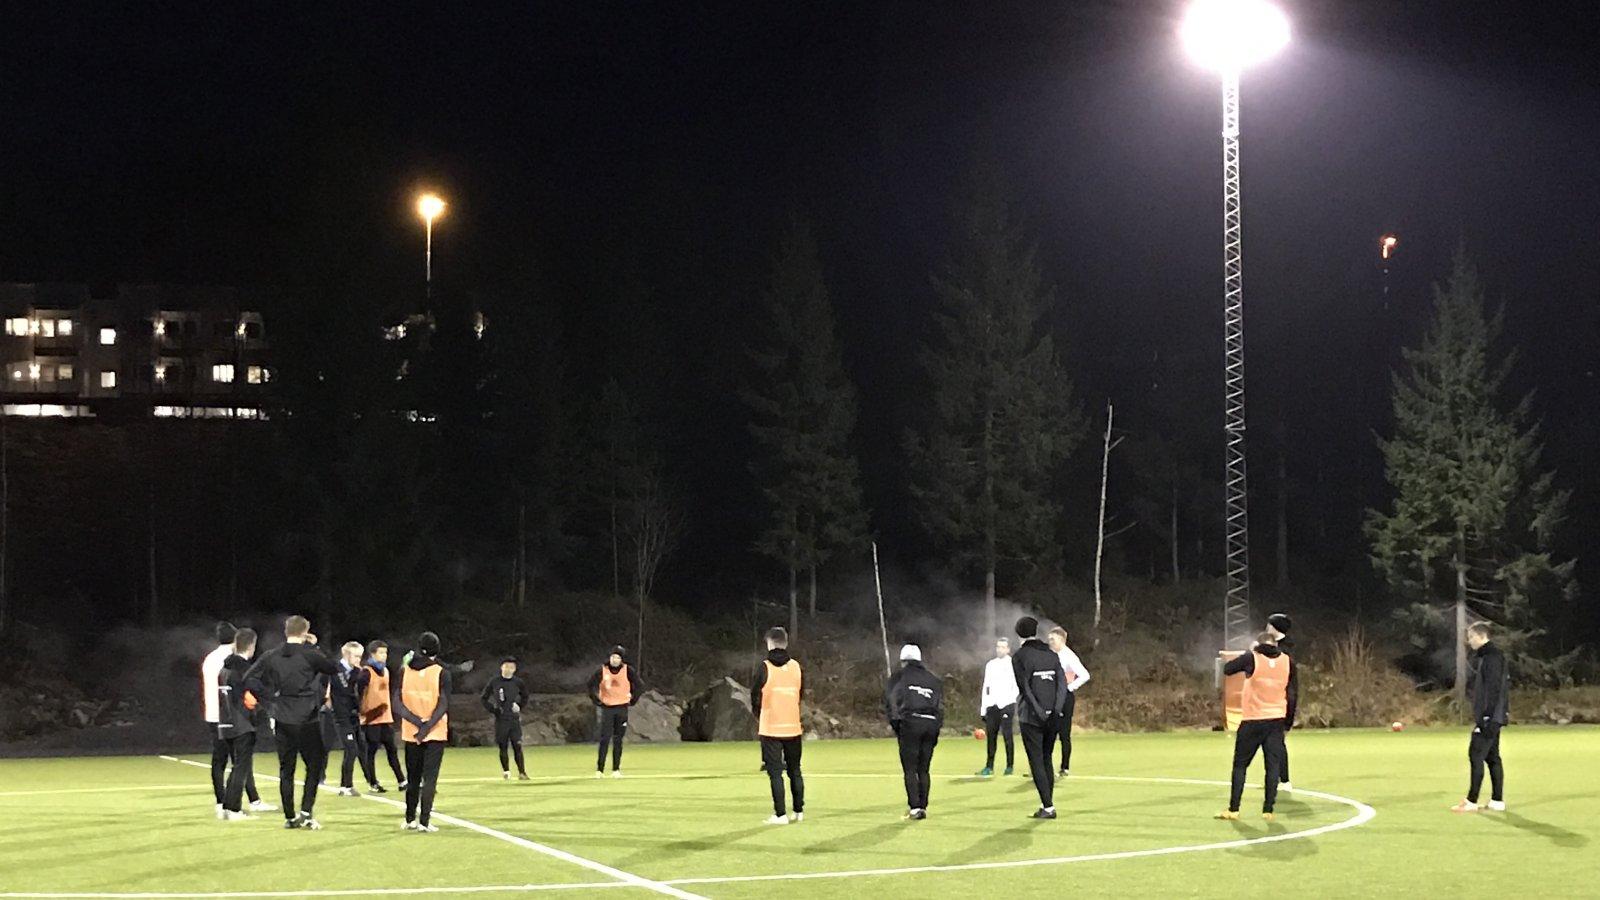 Januar har vært knalltøff på treningsfeltet. Nå jakter trenerteamet svar gjennom treningskampene i februar.